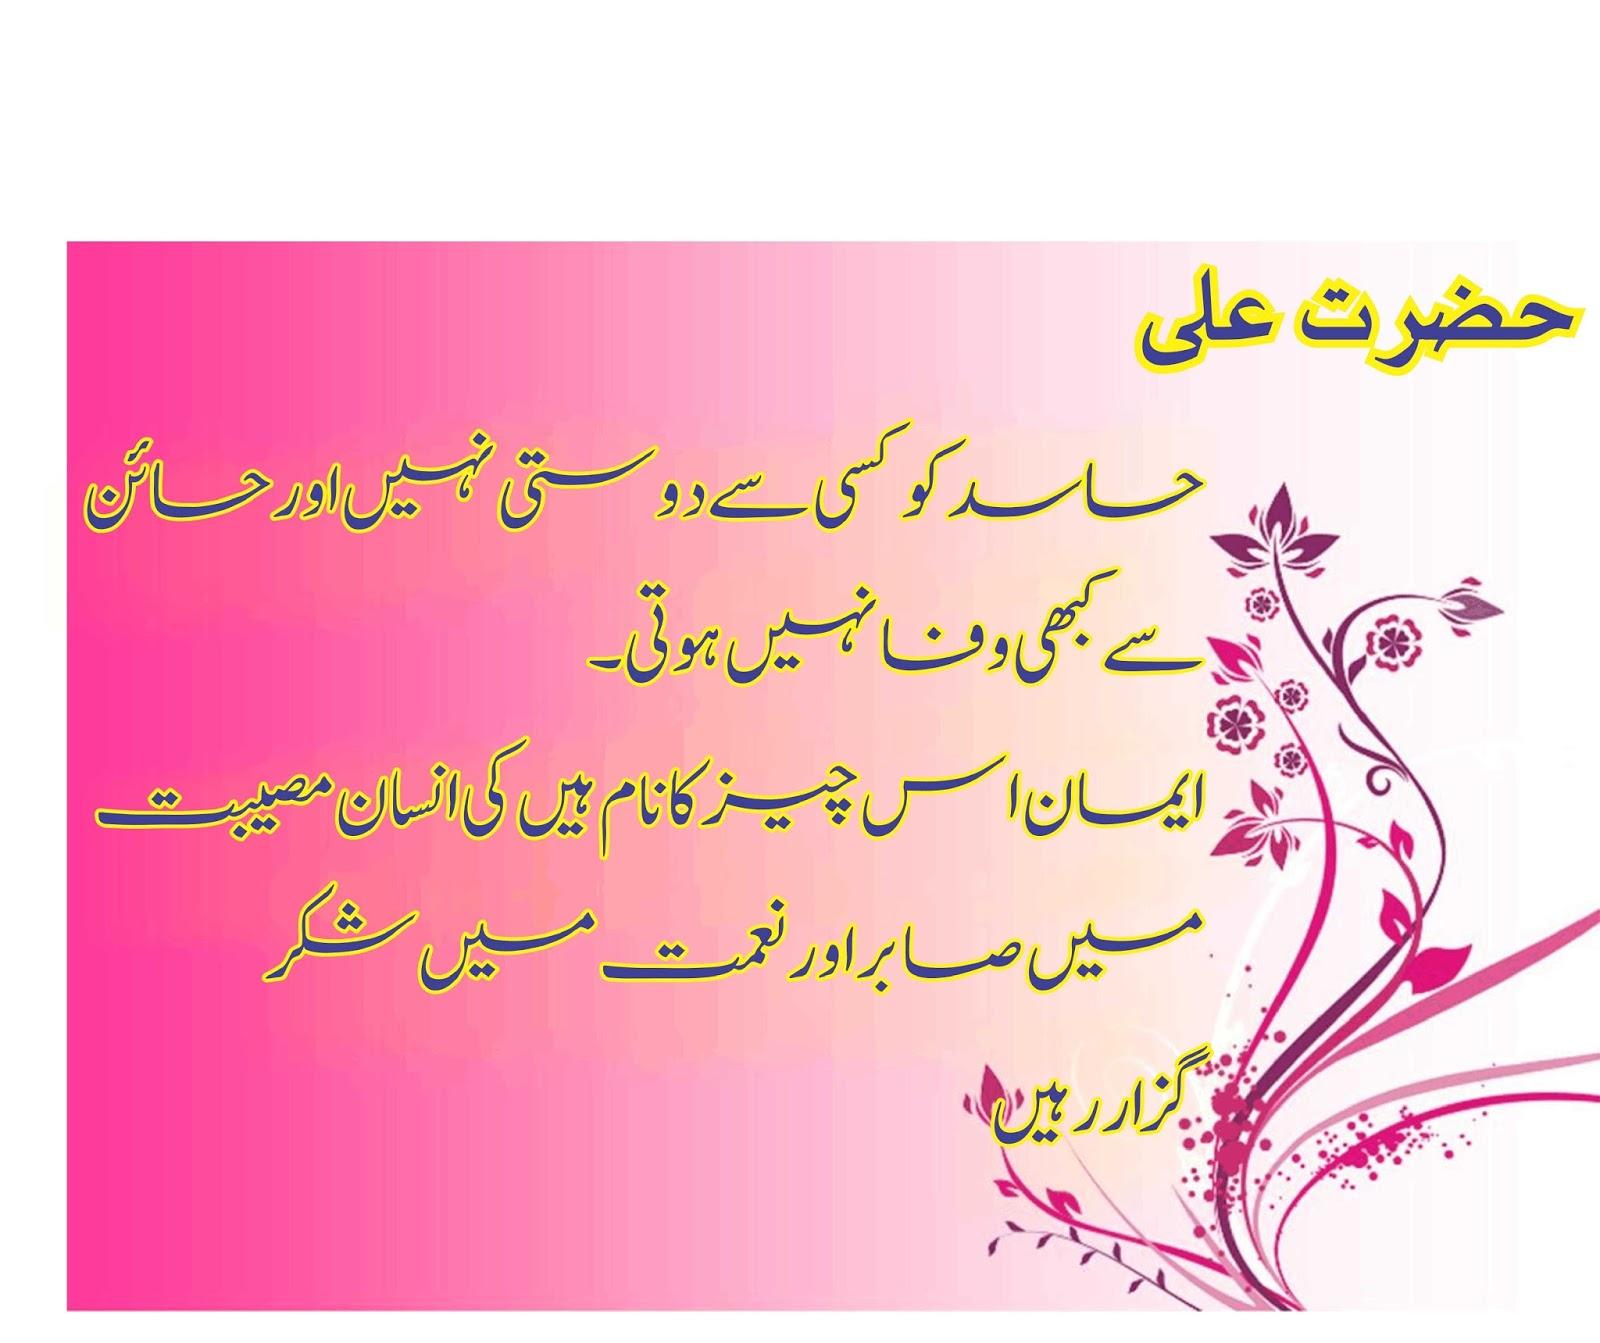 Hazrat Ali Famous Quotes In Urdu: Hazrat Ali Quotes Qol Sayings In Urdu